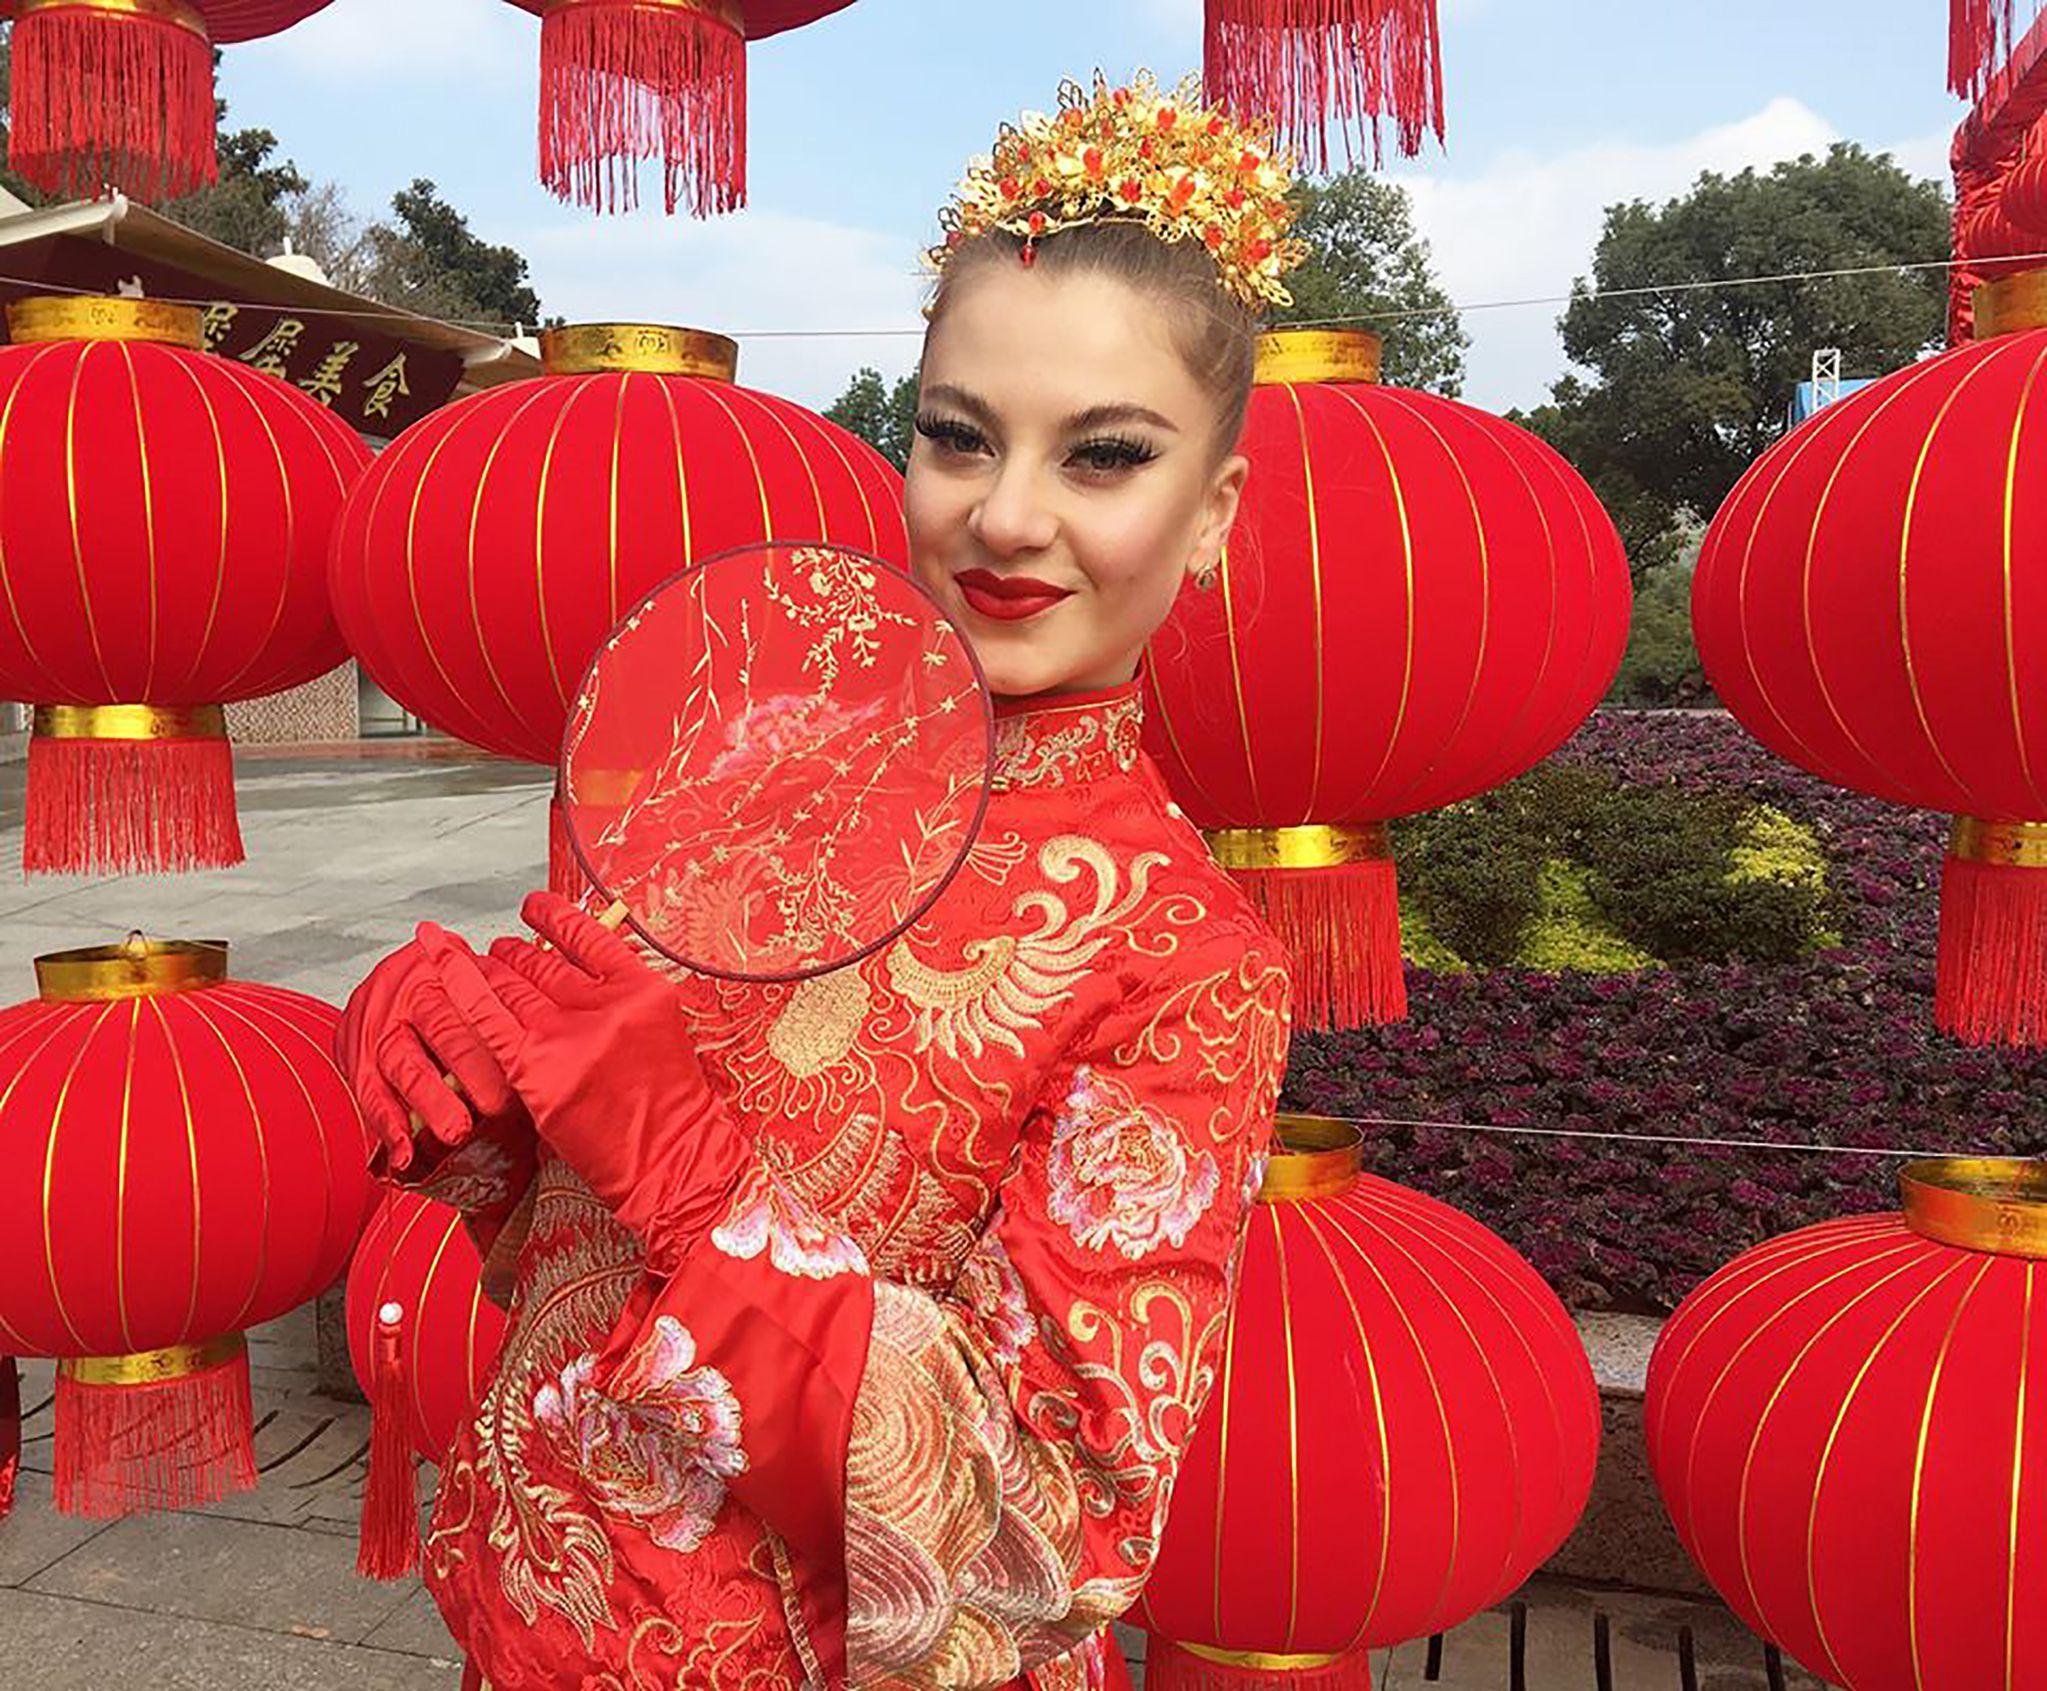 Нині танцює у Ханджоу, а майбутню кар'єру планує будувати вдома